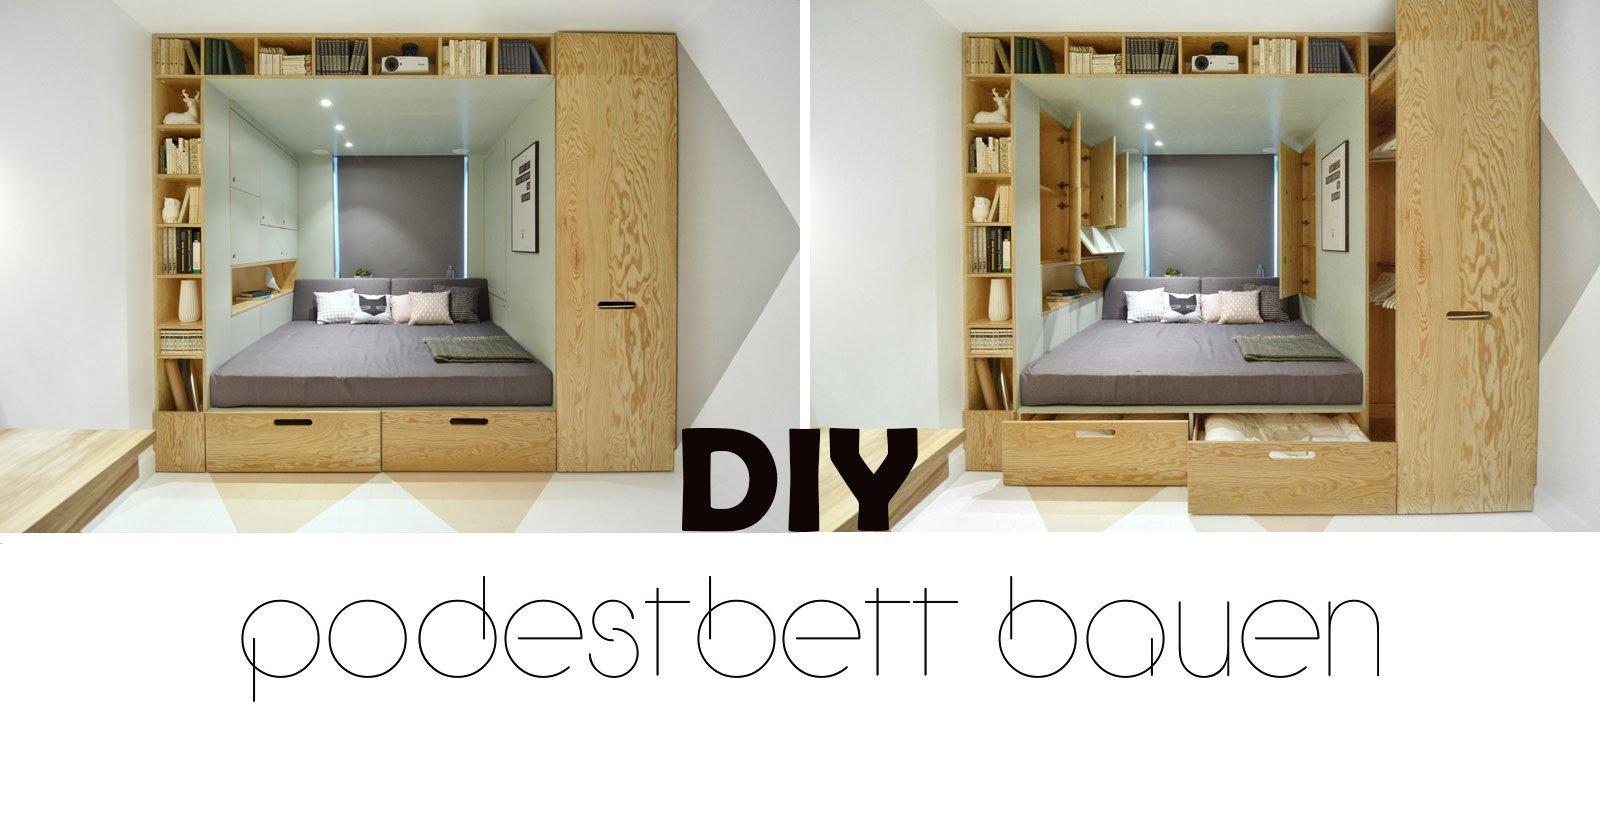 DIY Podestbett Bauen